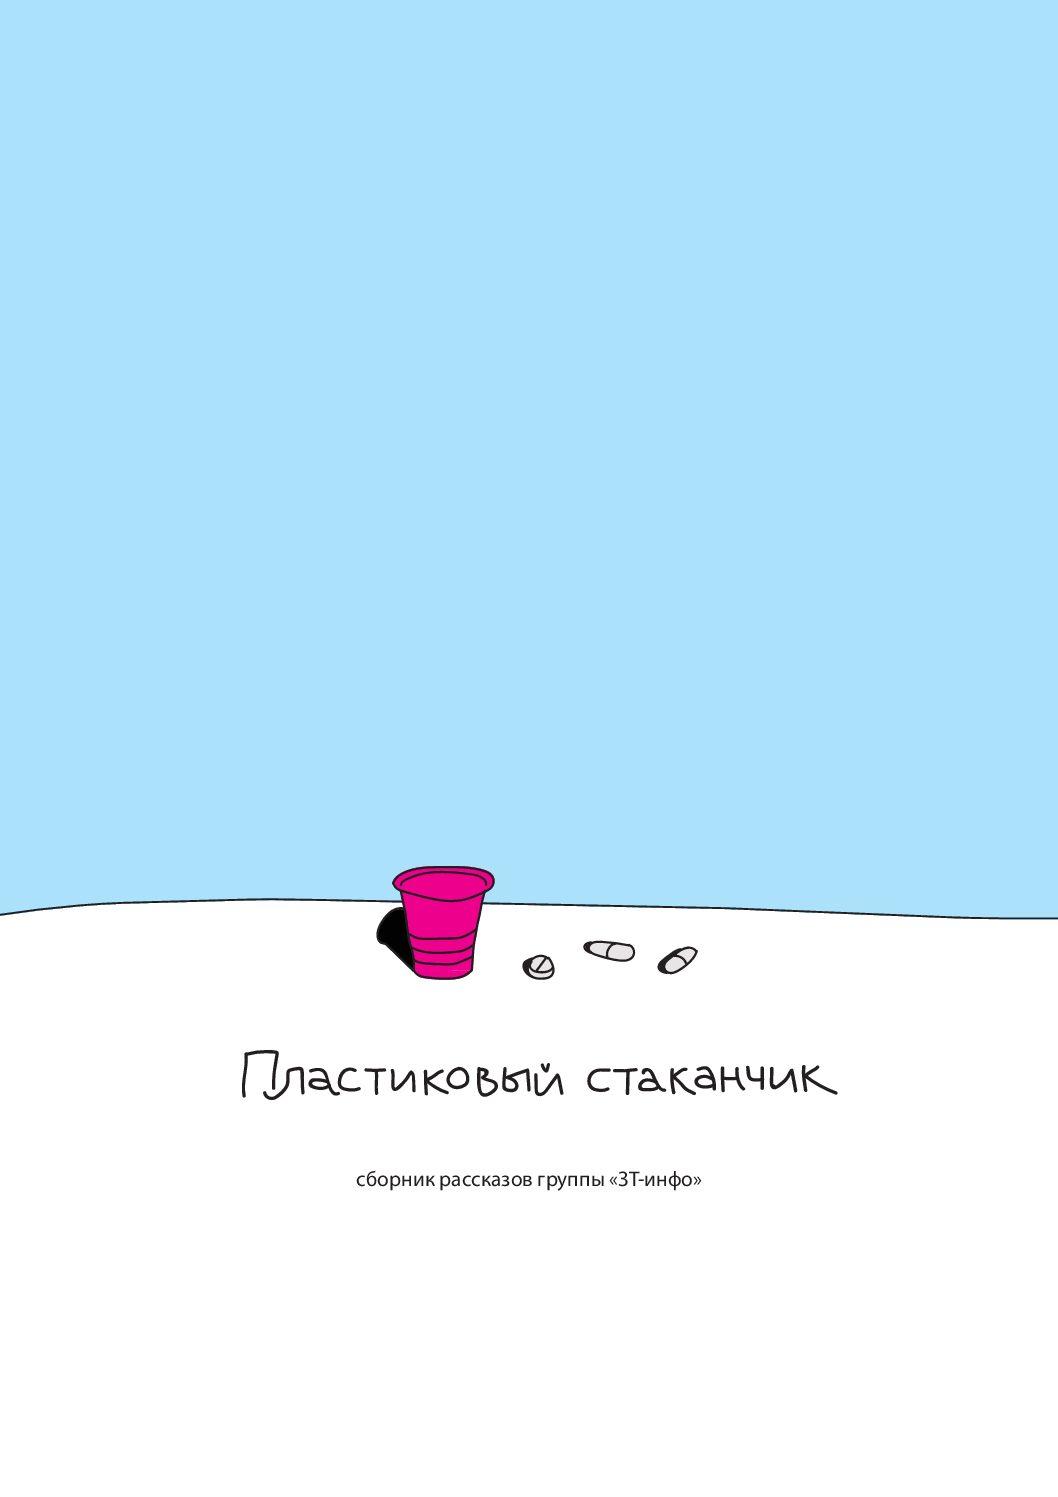 """""""Пластиковый стаканчик"""". Сборник рассказов группы """"ЗТ-инфо"""""""